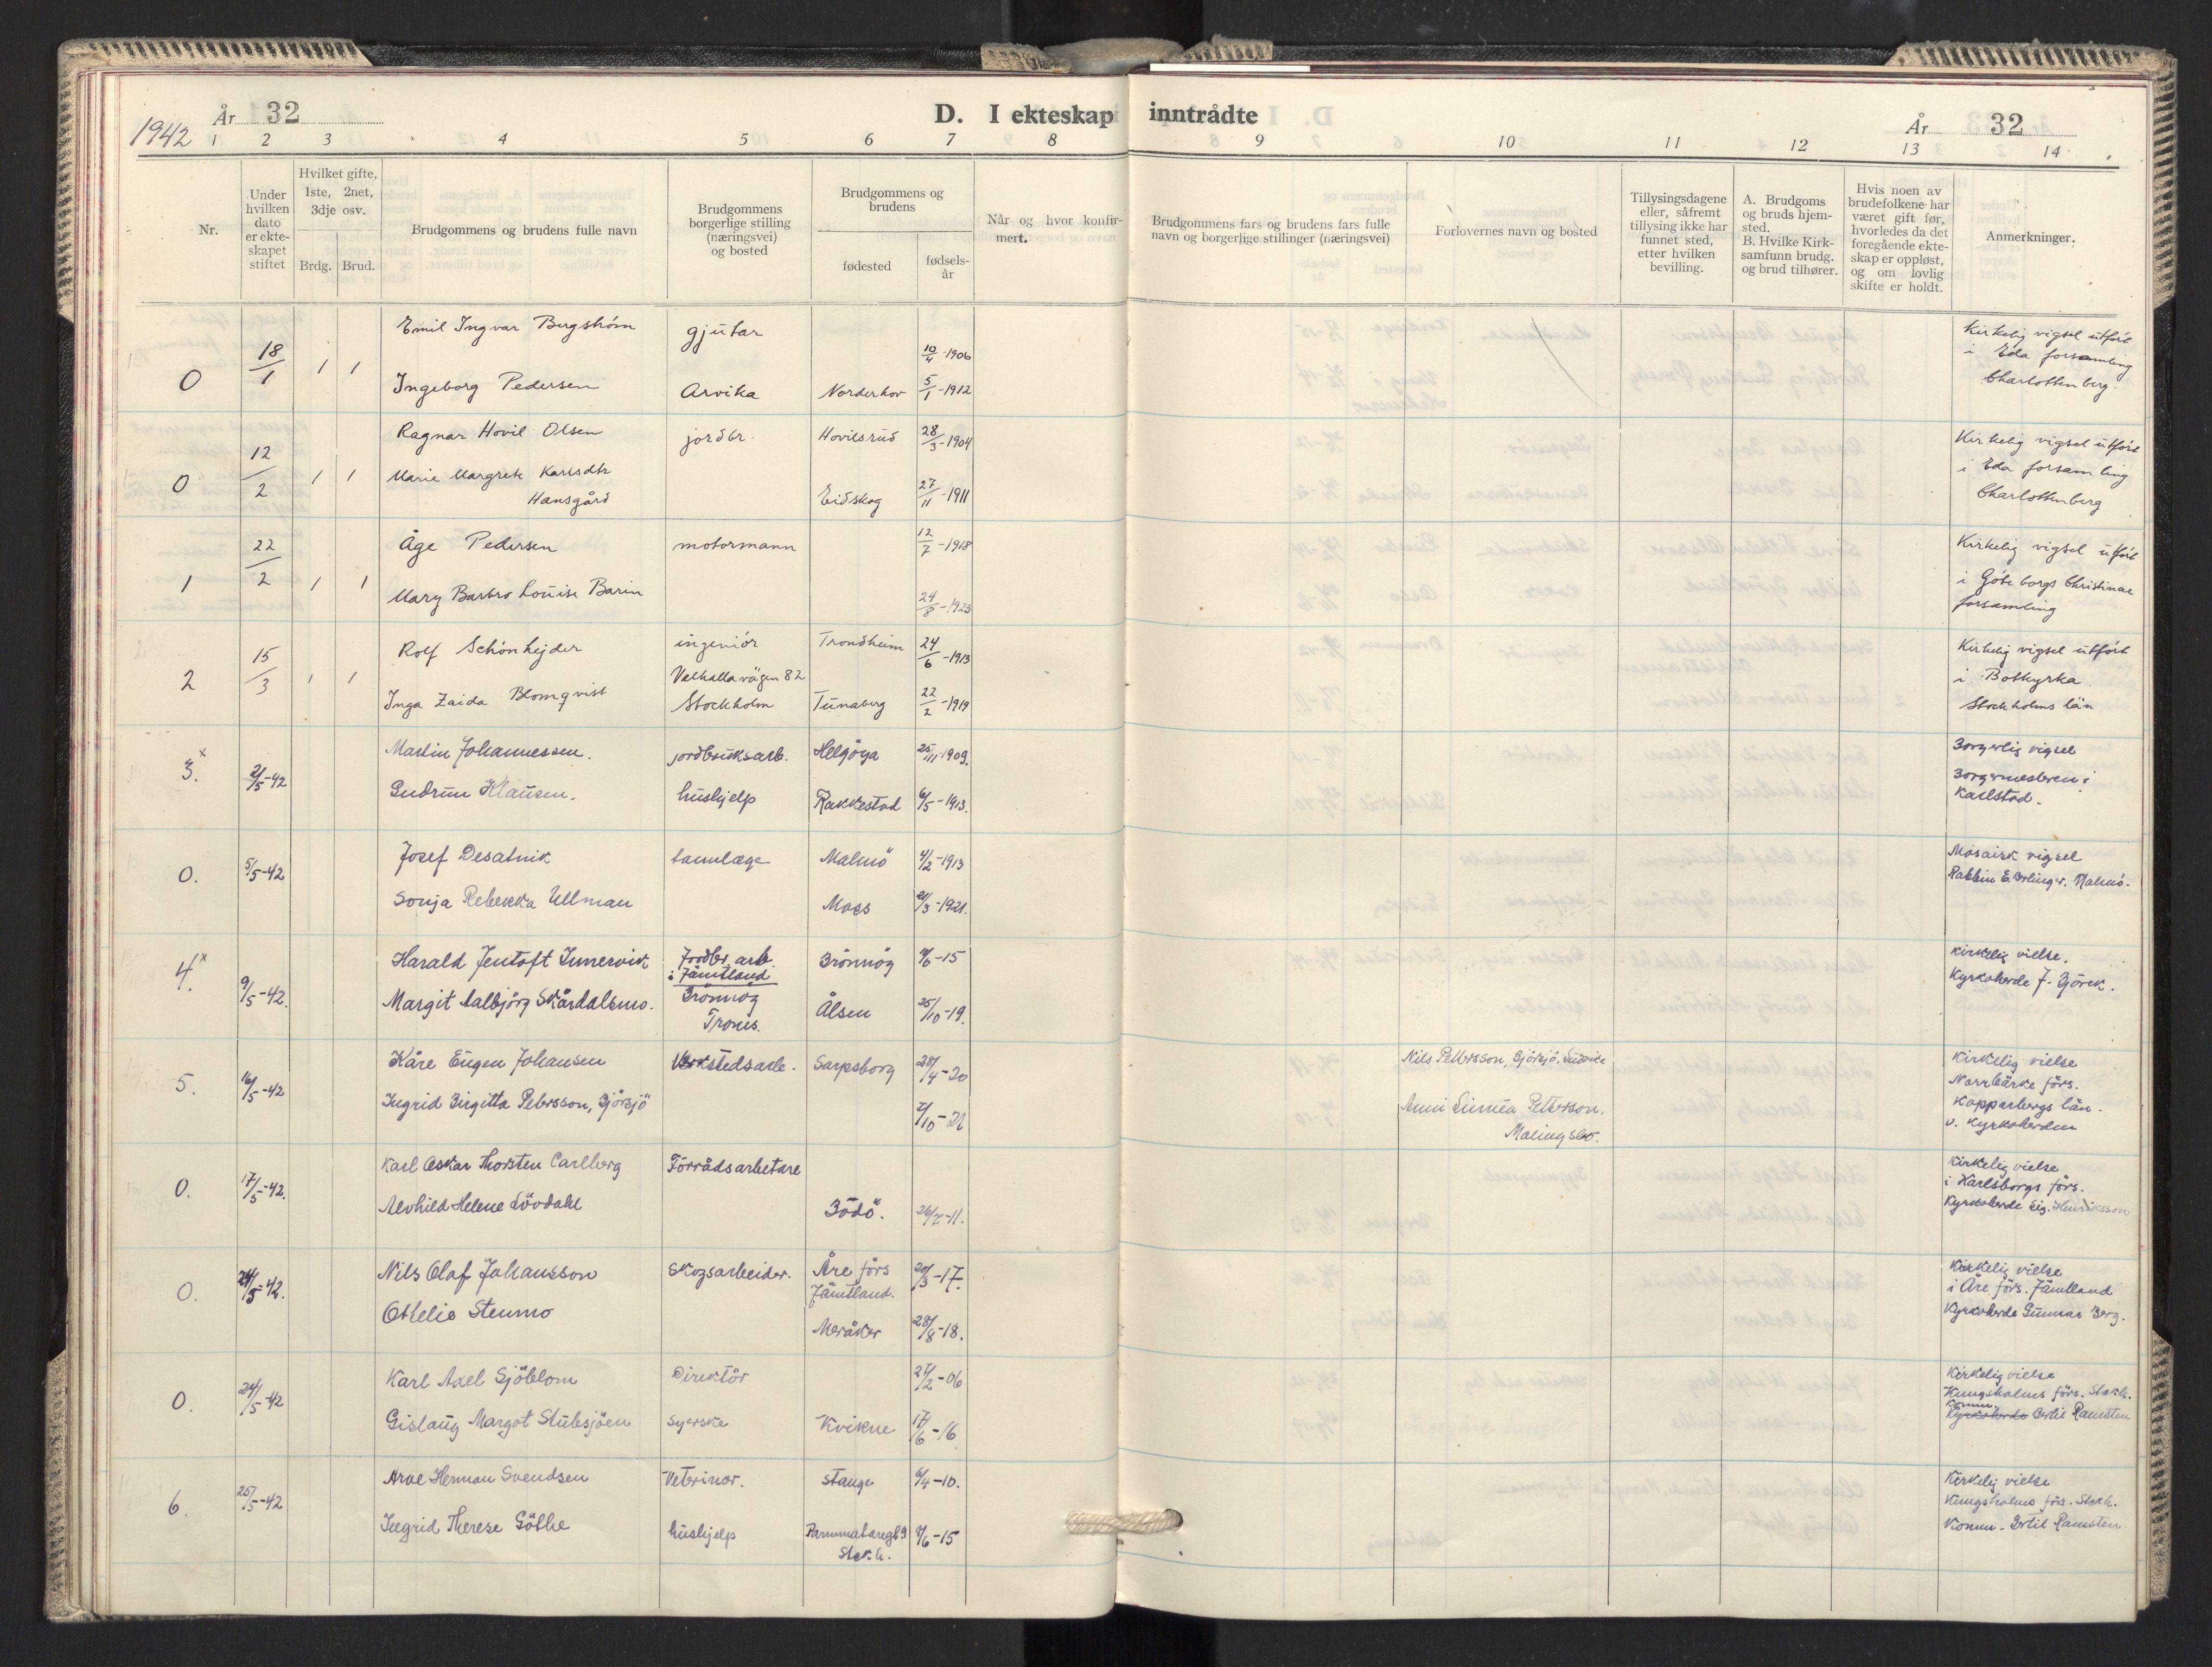 SAO, Prestekontoret i Sverige under okkupasjonen Kirkebøker, F/L0001: Ministerialbok nr. 1, 1941-1945, s. 32